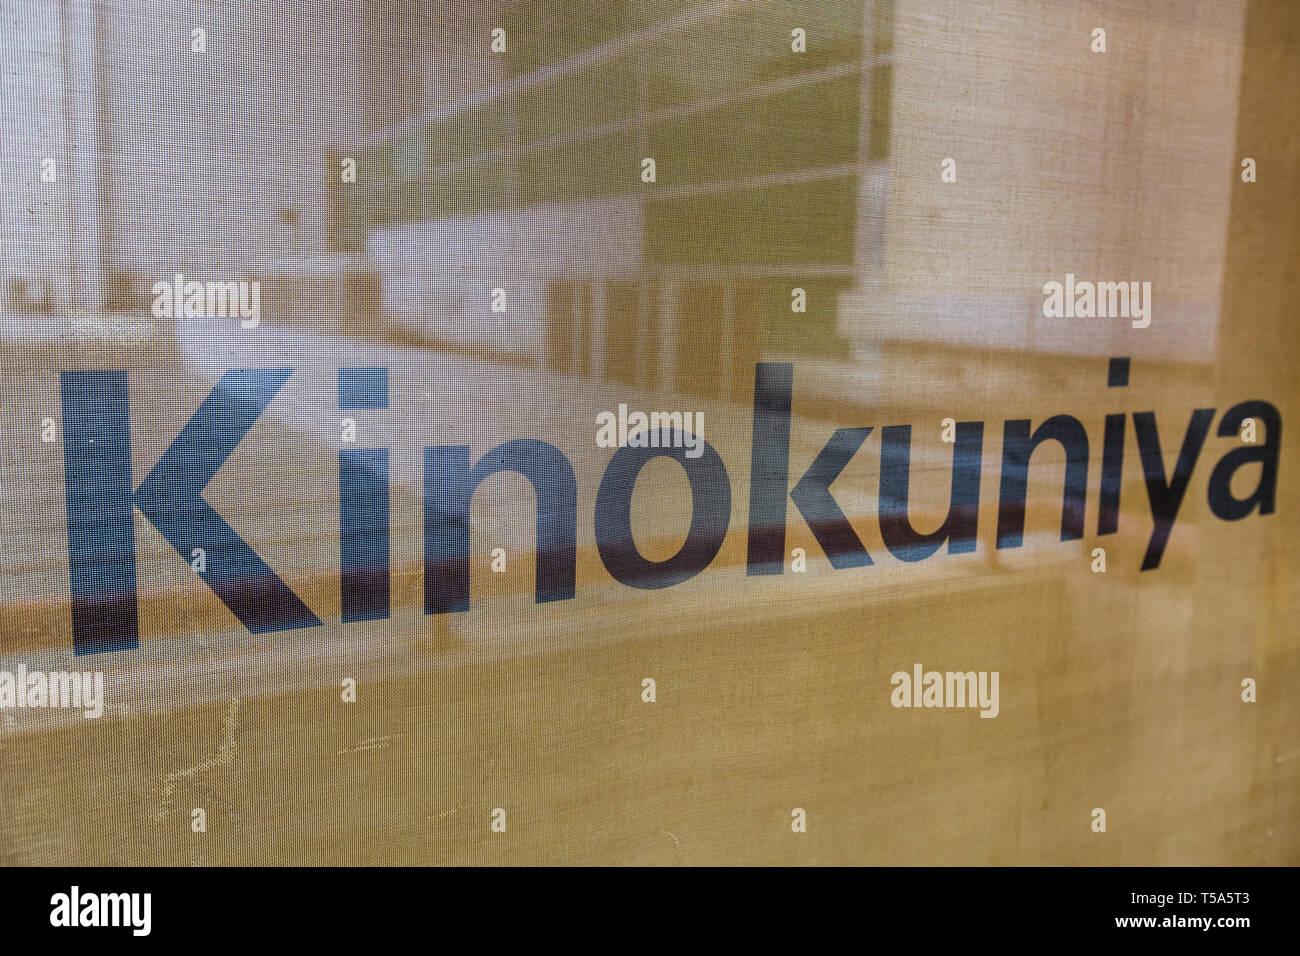 """Die Buchhandlung Marke """"Kinokuniya' eingebettet auf einem gedämpften Farben blind, was verhindert, dass die Sonne in die Buchhandlung, um die Bücher zu beschädigen. Stockbild"""